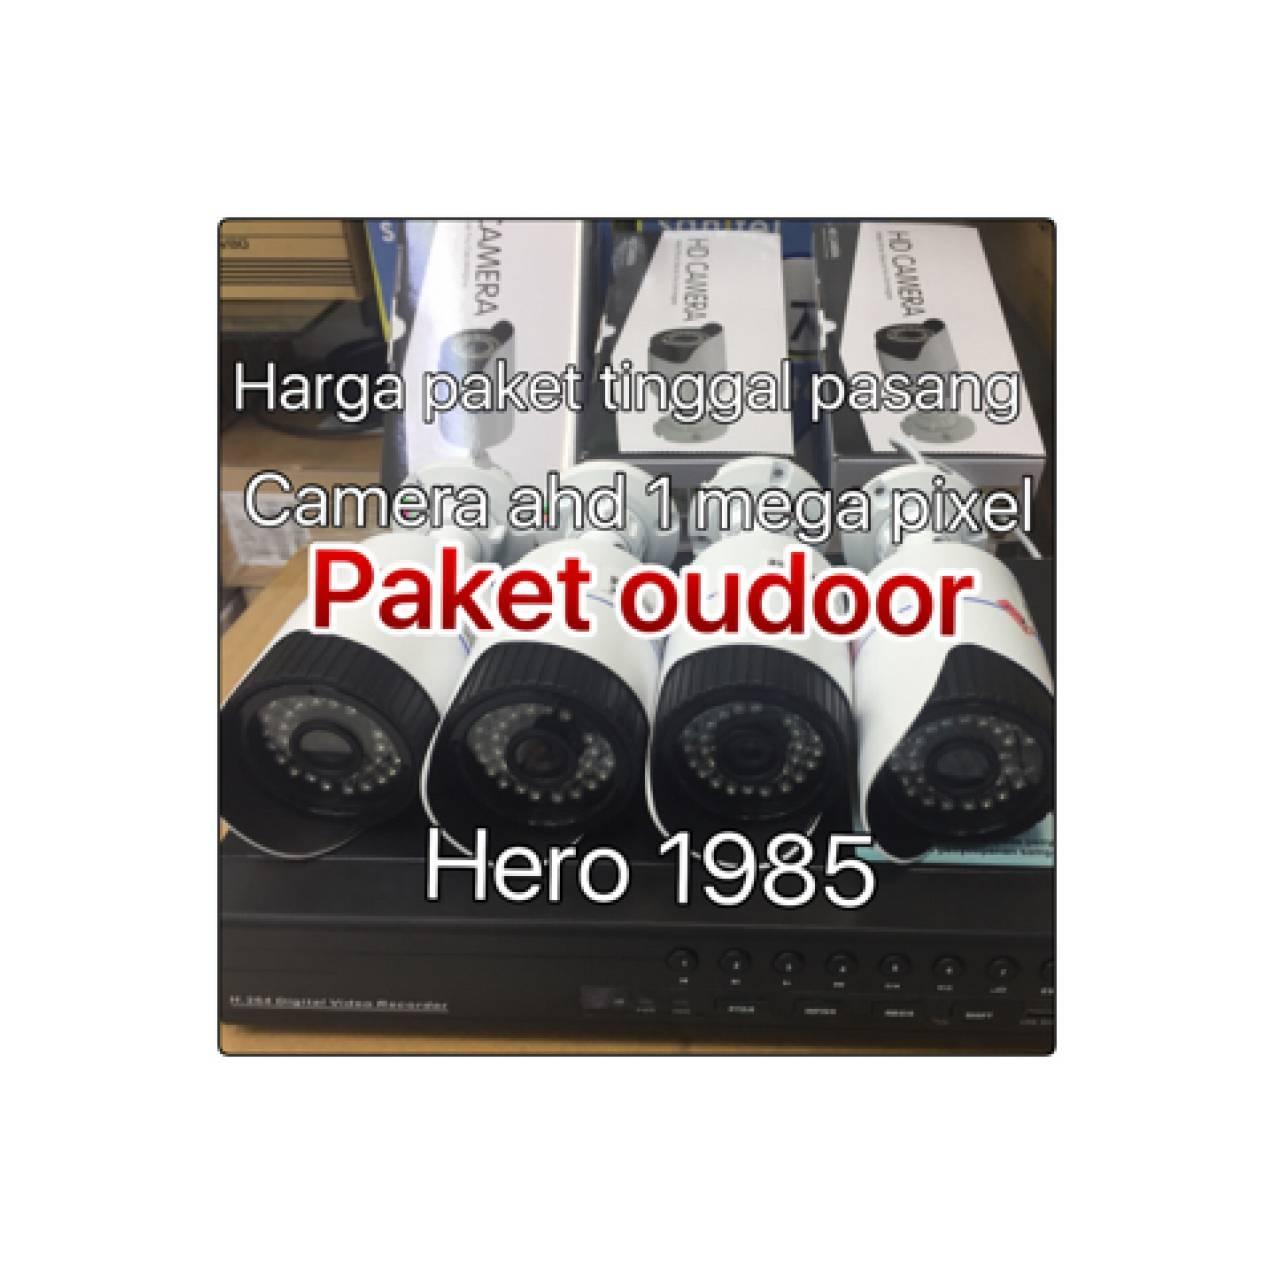 rekaman cctv AHD 1MP 4ch+hardisk 1 tera tinggal pasang